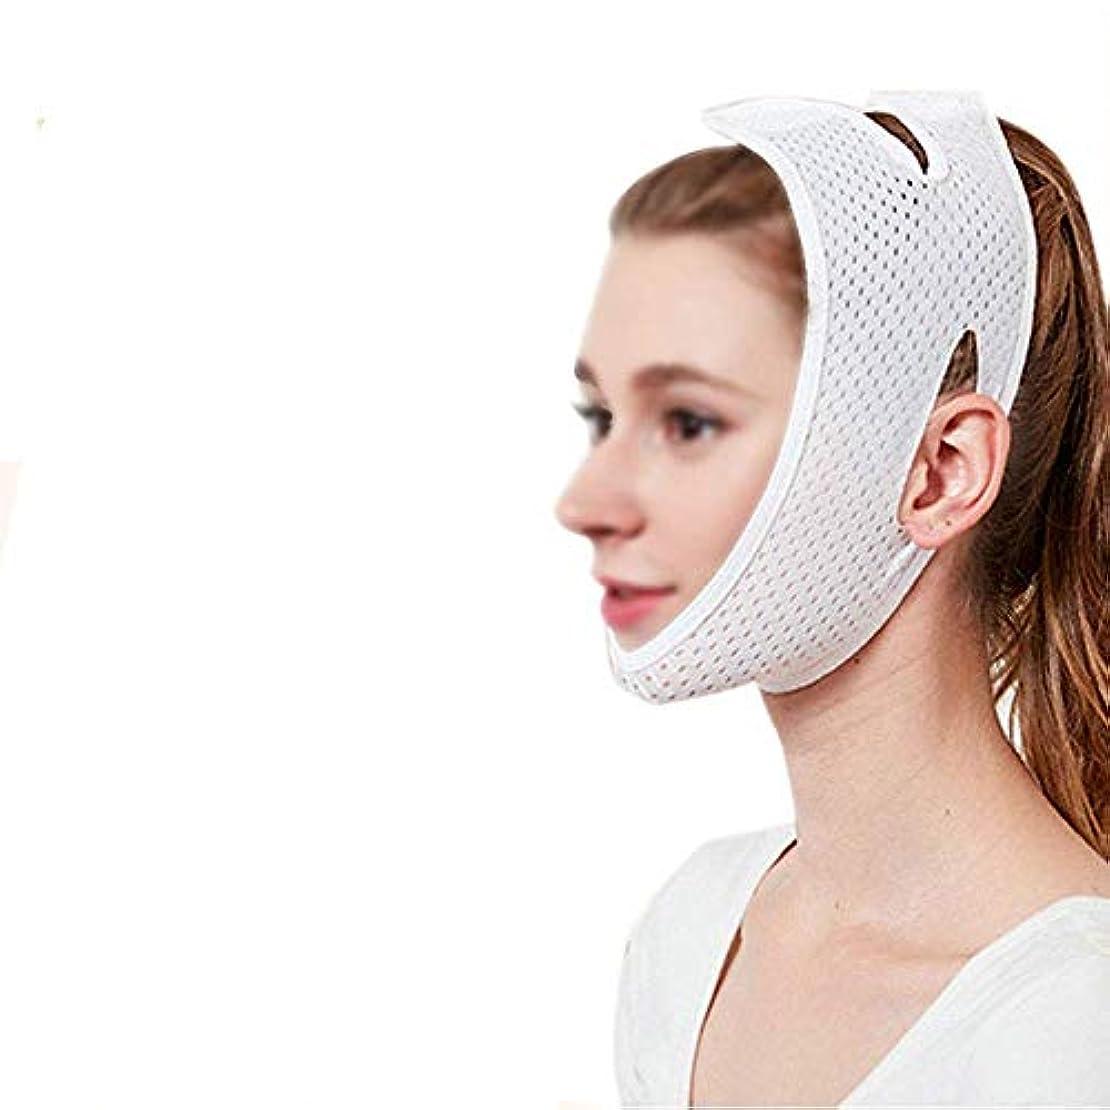 満足させる一掃する栄養薄型フェイスベルト、V字絆創膏ダブルマスクあご取り法用マスクリフティングファーミングスリーピングマスク(カラー:ホワイト),白